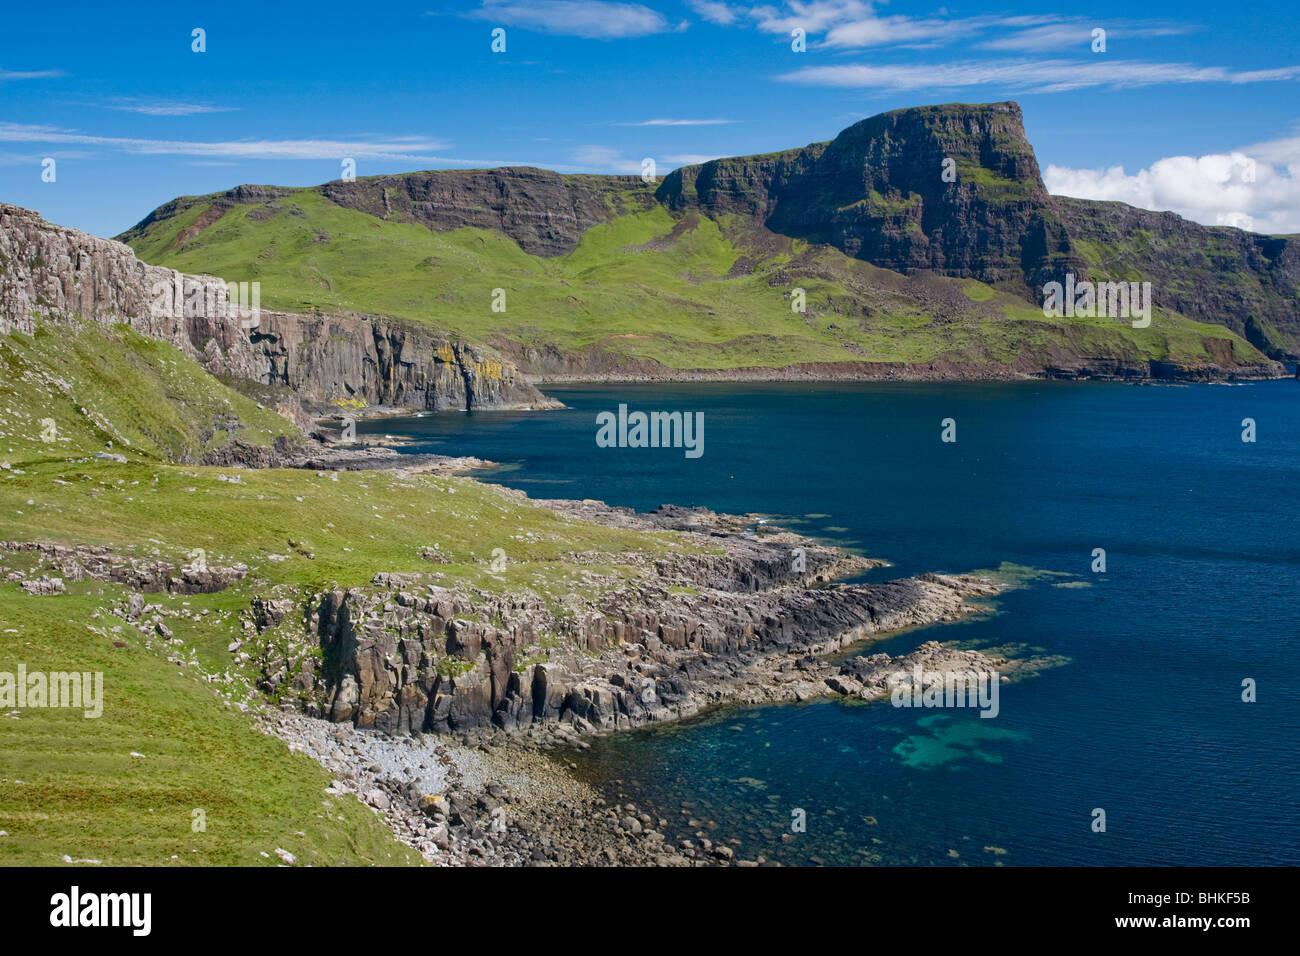 Moonen Bay y cabeza de Waterstein Neist Point, Isla de Skye, Escocia, Reino Unido Foto de stock